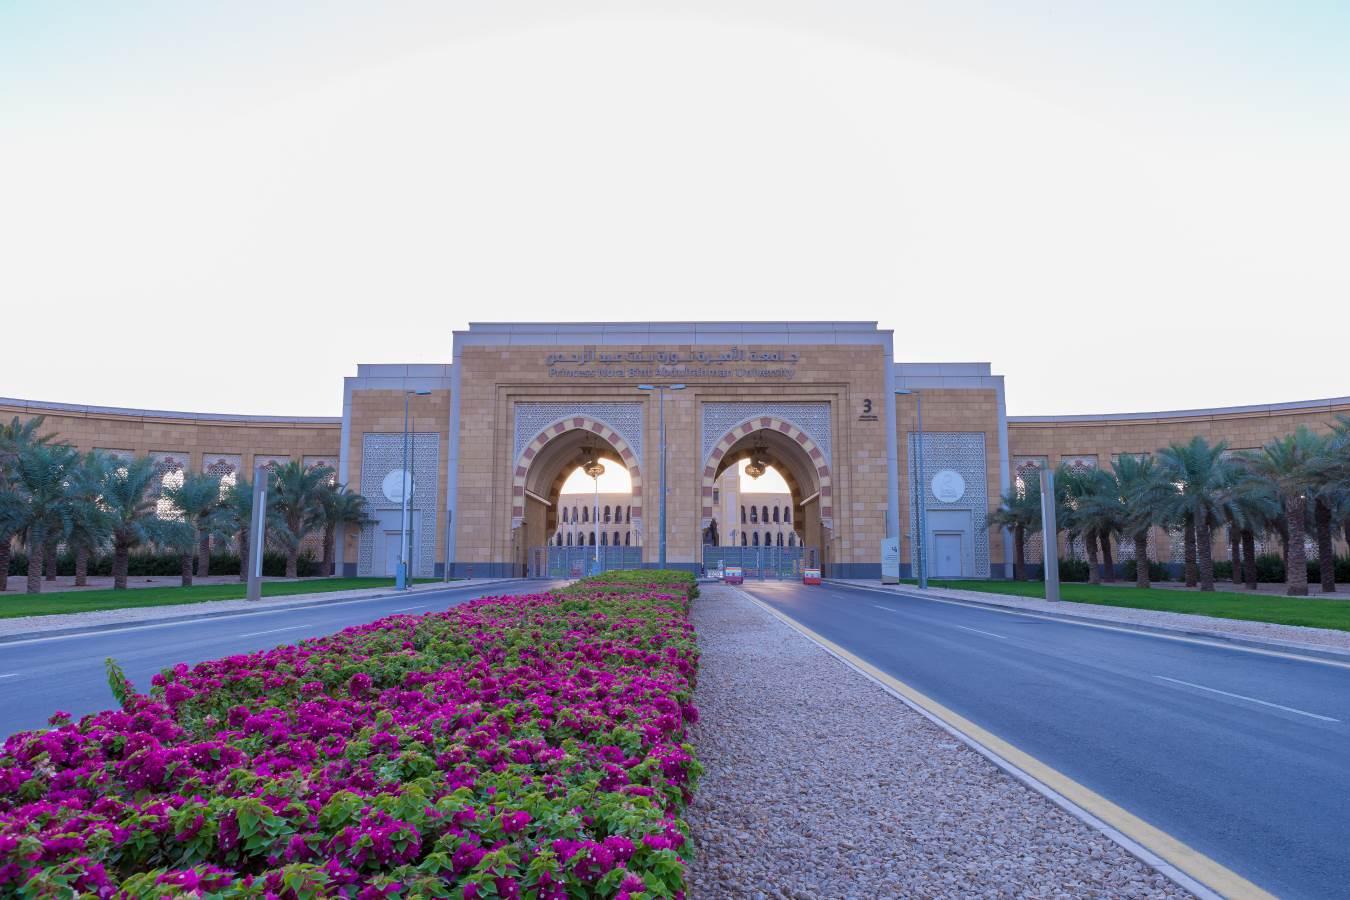 جامعة الأميرة نورة بنت عبدالرحمن تطلق مبادرة تعزيز تصدير المعرفة العلمية صحيفة صراحة الالكترونية